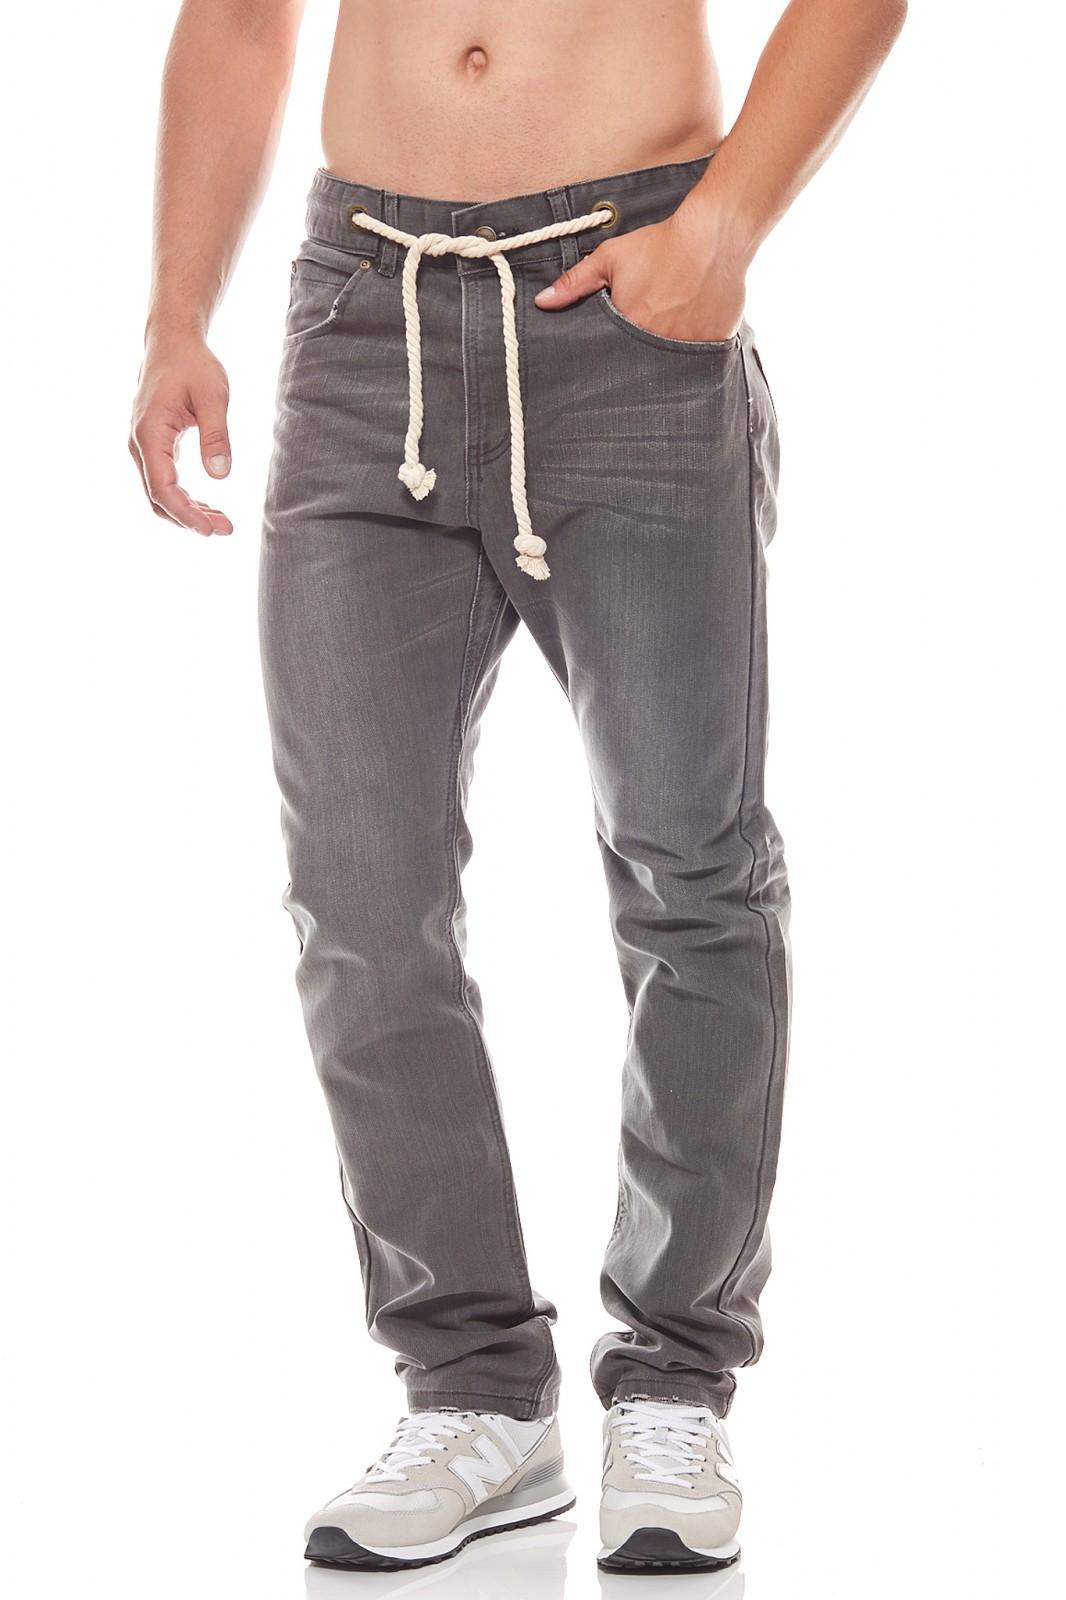 SOMeWEaR Herren Jeans Grau mit Gürtelband für 19,99€